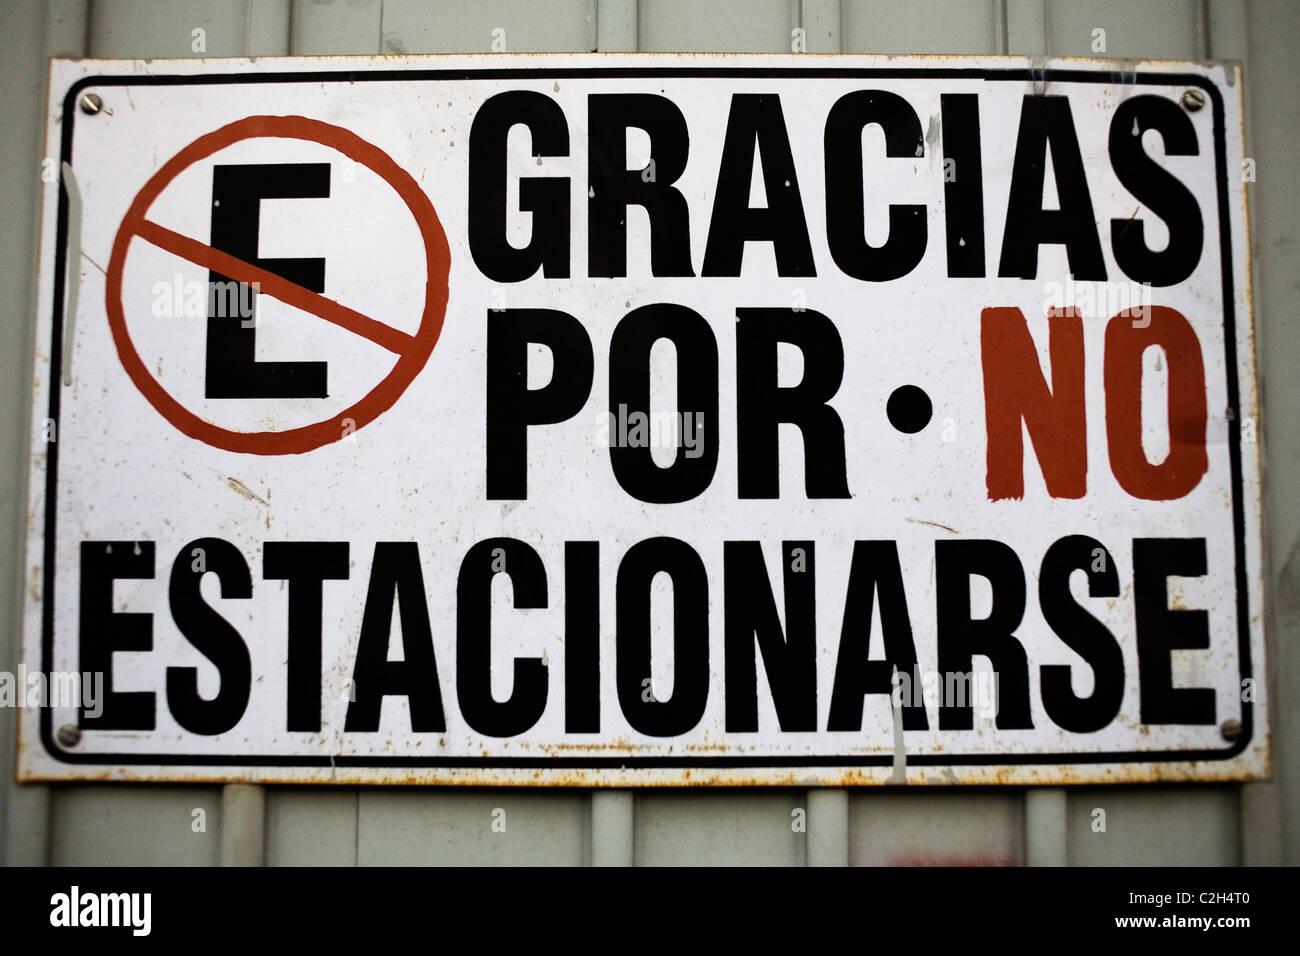 No hay señal de estacionamiento en el idioma español. Imagen De Stock